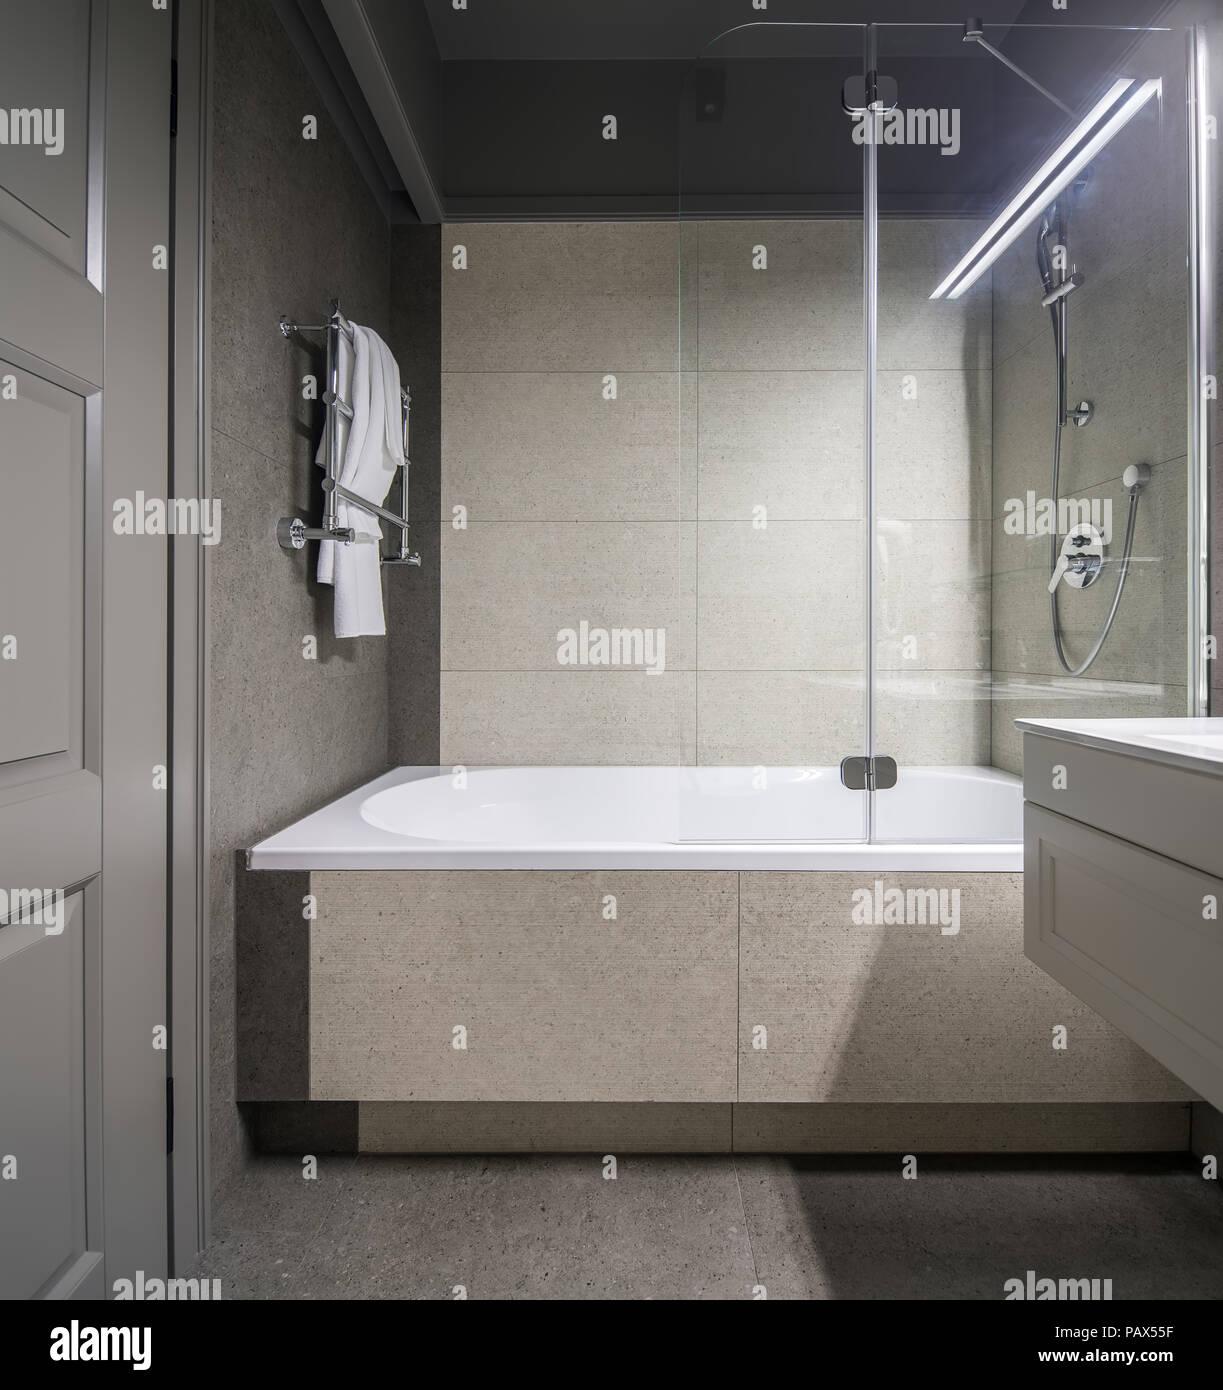 Stilvolle Badezimmer Mit Hellen Fliesen Wanden Es Ist Ein Weisses